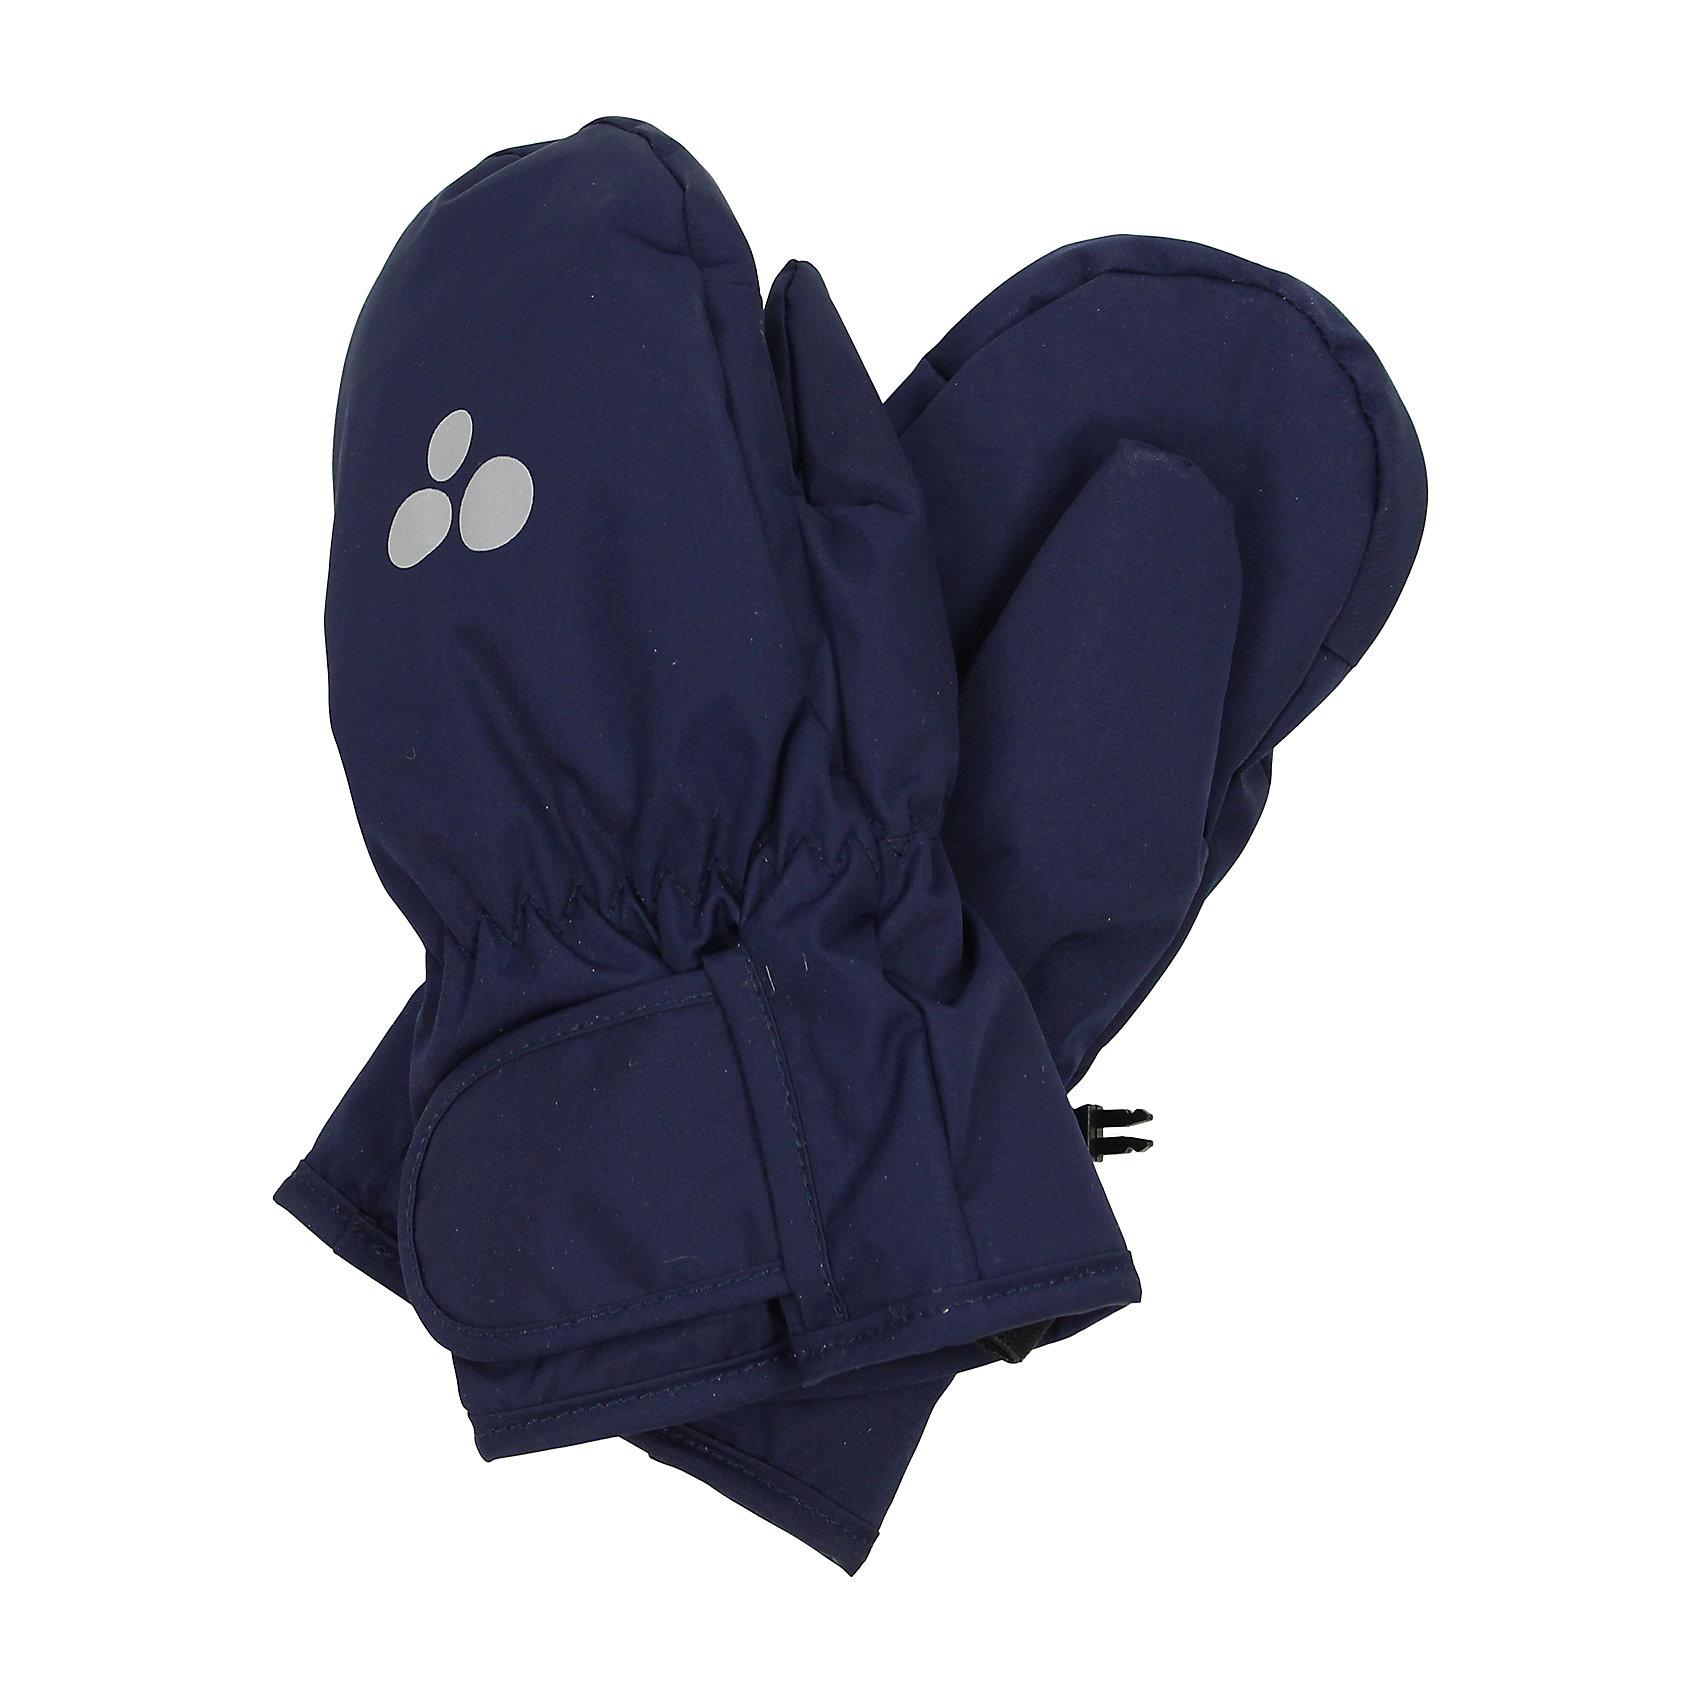 Варежки для мальчика HuppaДетские зимние варежки ярких цветов. У варежек приятная подкладка из полиэстера и дышащая и водоотталкивающая ткань, которая поможет держать руки в сухости и тепле. В середину вшита резинка, а на запястье - регулируемая застежка-липучка, которые помогут варежкам надежно держаться на руках. Чтобы варежки не терялись, для удобства использования варежек добавлена резиновая лента, а в качестве украшения - светящиеся в темноте шарики с логотипом Huppa (Хуппа). Маленькие зажимы в средней части помогут держать пару варежек вместе после использования. <br><br>Варежки для мальчика Huppa (Хуппа) можно купить в нашем магазине.<br><br>Ширина мм: 162<br>Глубина мм: 171<br>Высота мм: 55<br>Вес г: 119<br>Цвет: синий<br>Возраст от месяцев: 48<br>Возраст до месяцев: 72<br>Пол: Мужской<br>Возраст: Детский<br>Размер: 2,4,1,3,5<br>SKU: 4242814